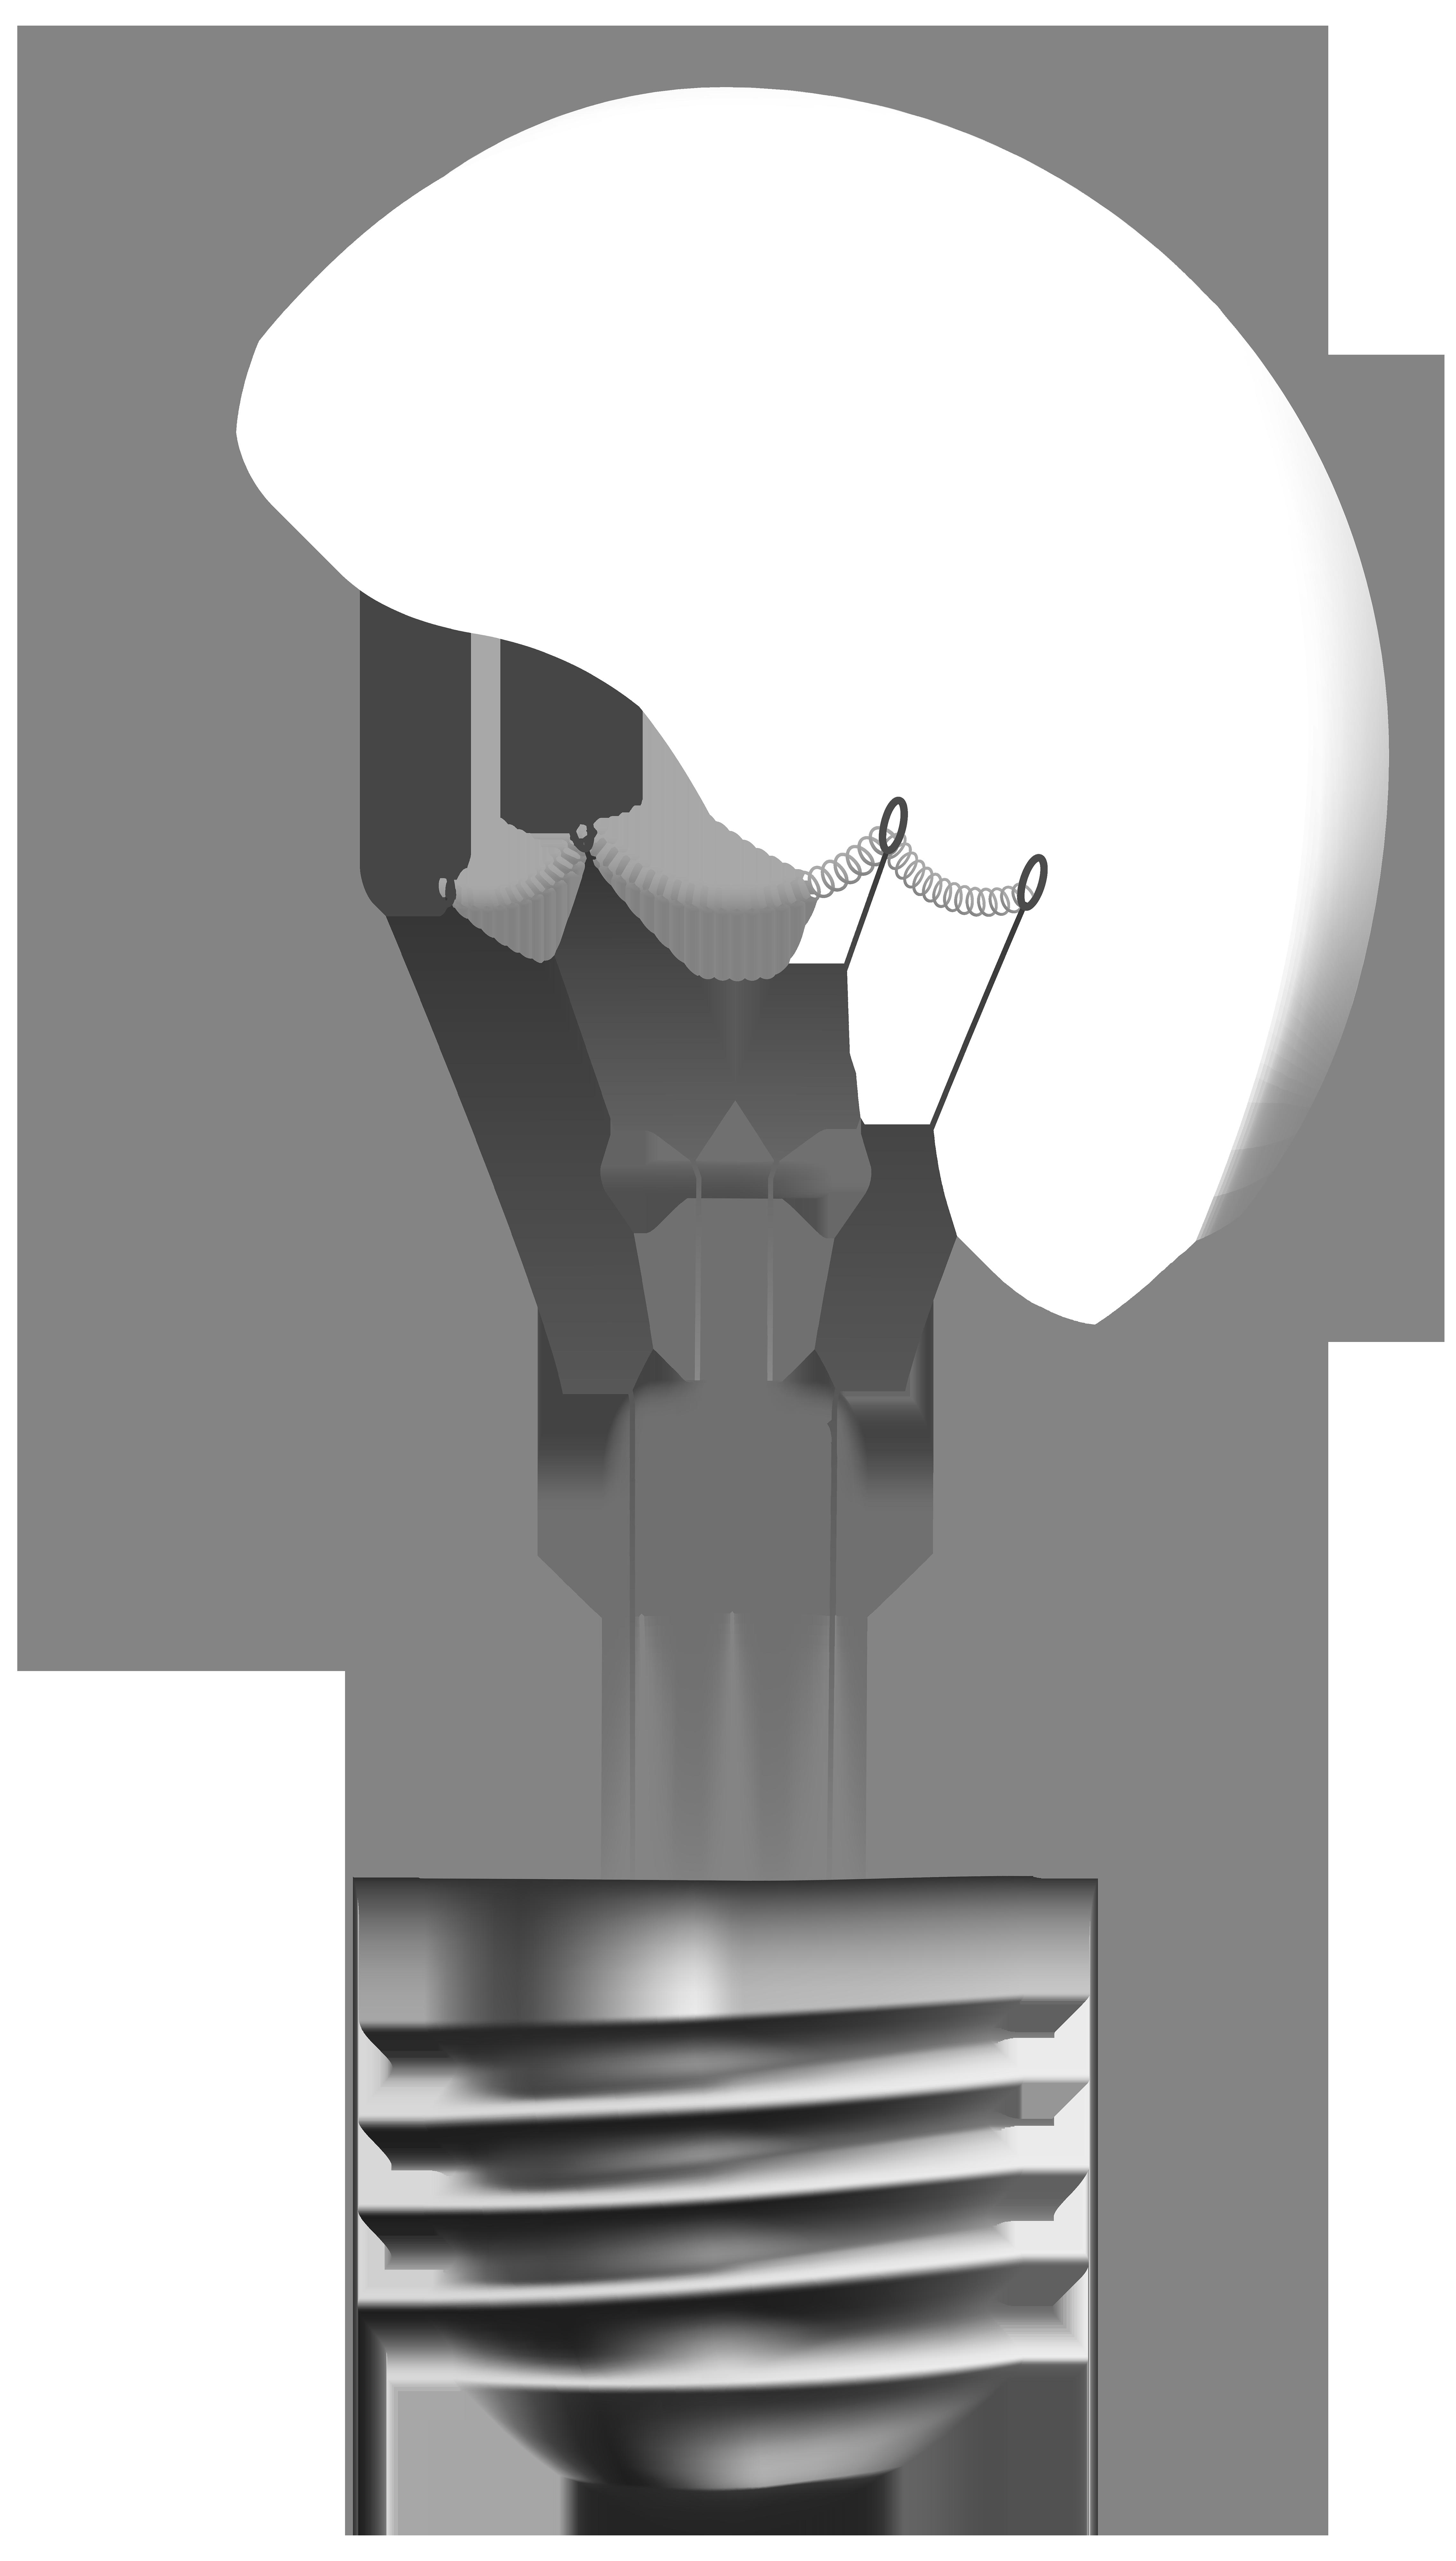 Lightbulb clipart old lightbulb. Transparent light bulb png